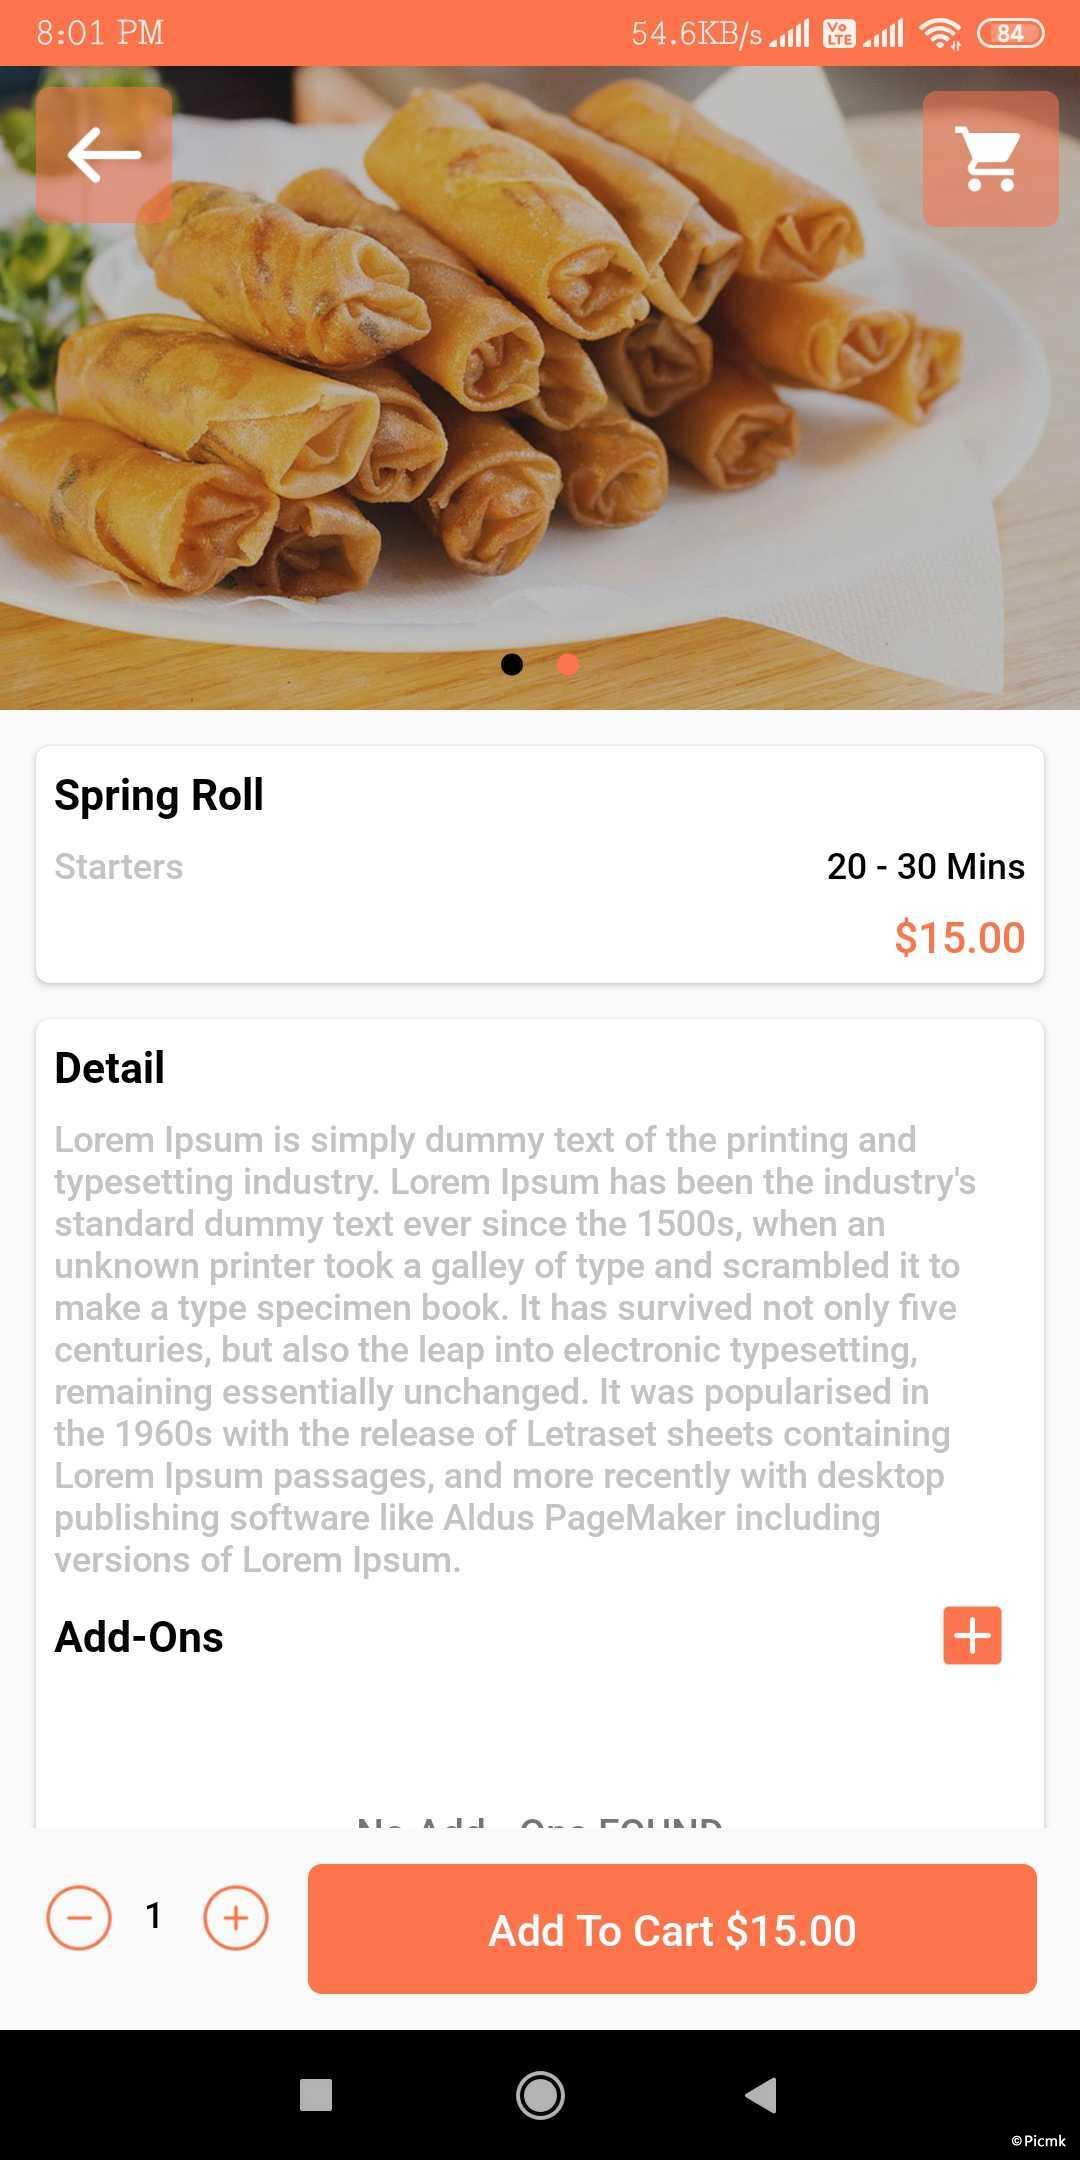 餐馆APP-独立餐厅饭店安卓APP,餐饮外卖自取APP+Laravel管理后台+详细教程开心版插图3